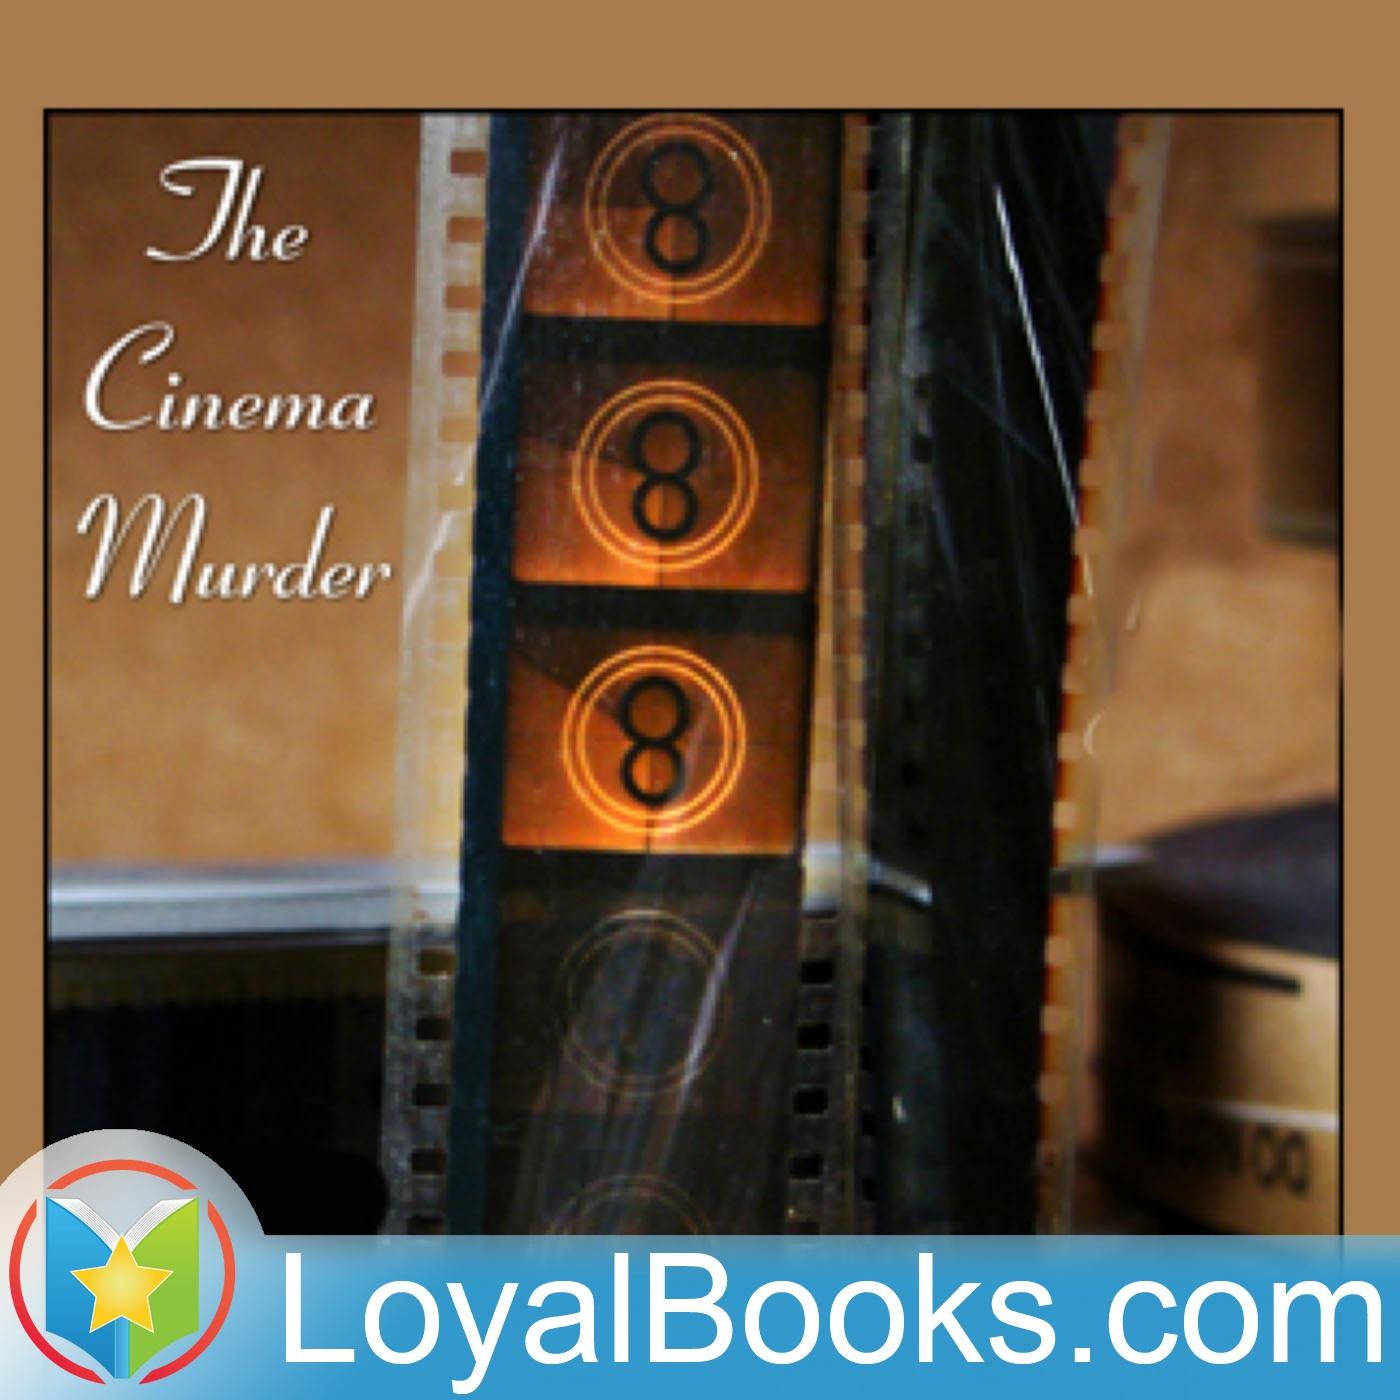 <![CDATA[The Cinema Murder by Edward Phillips Oppenheim]]>